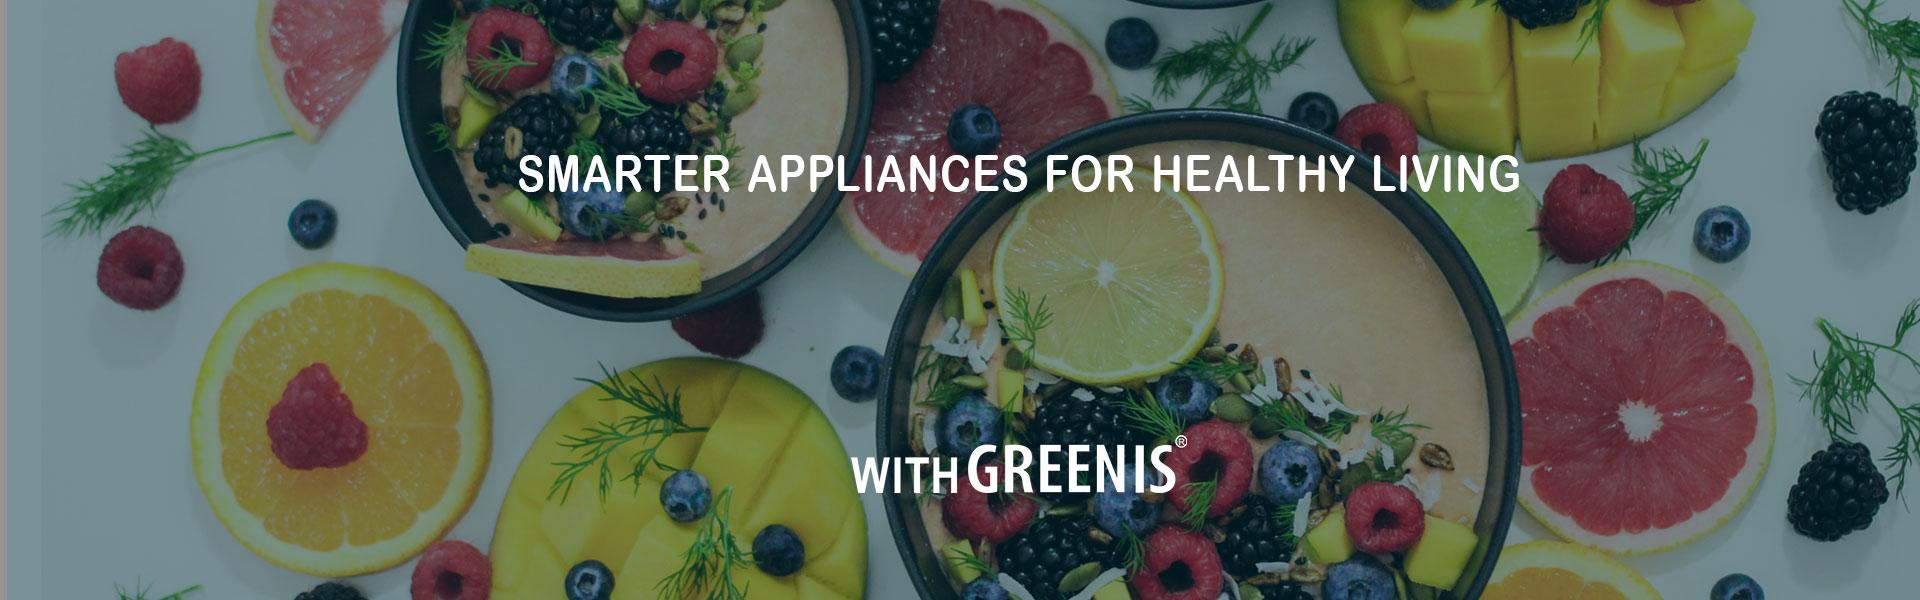 homepage-food